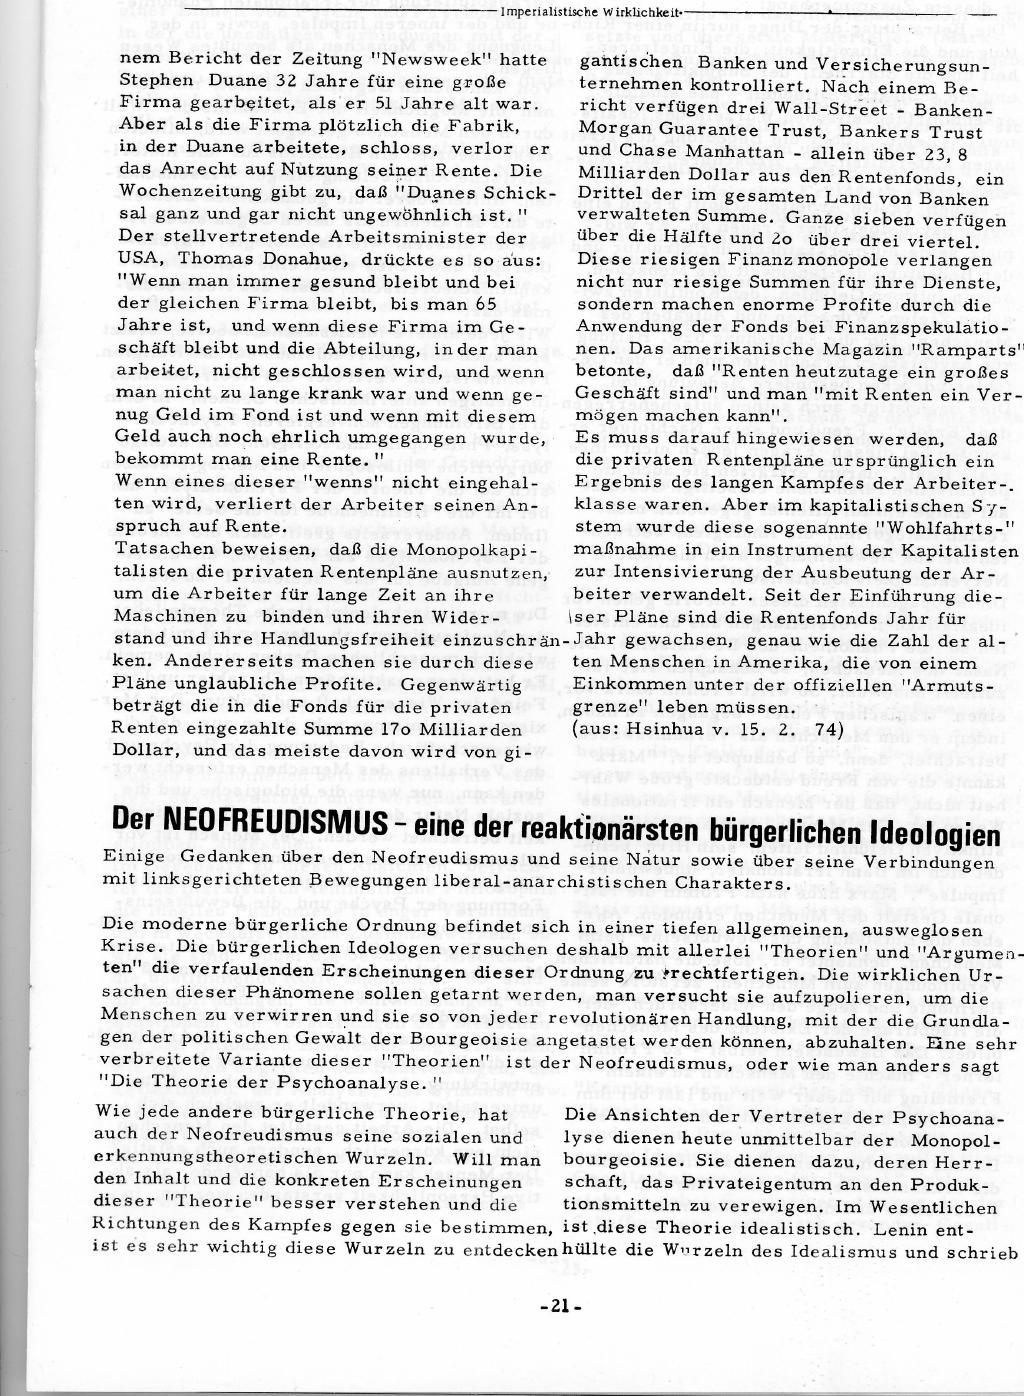 RPK_1974_07_08_21